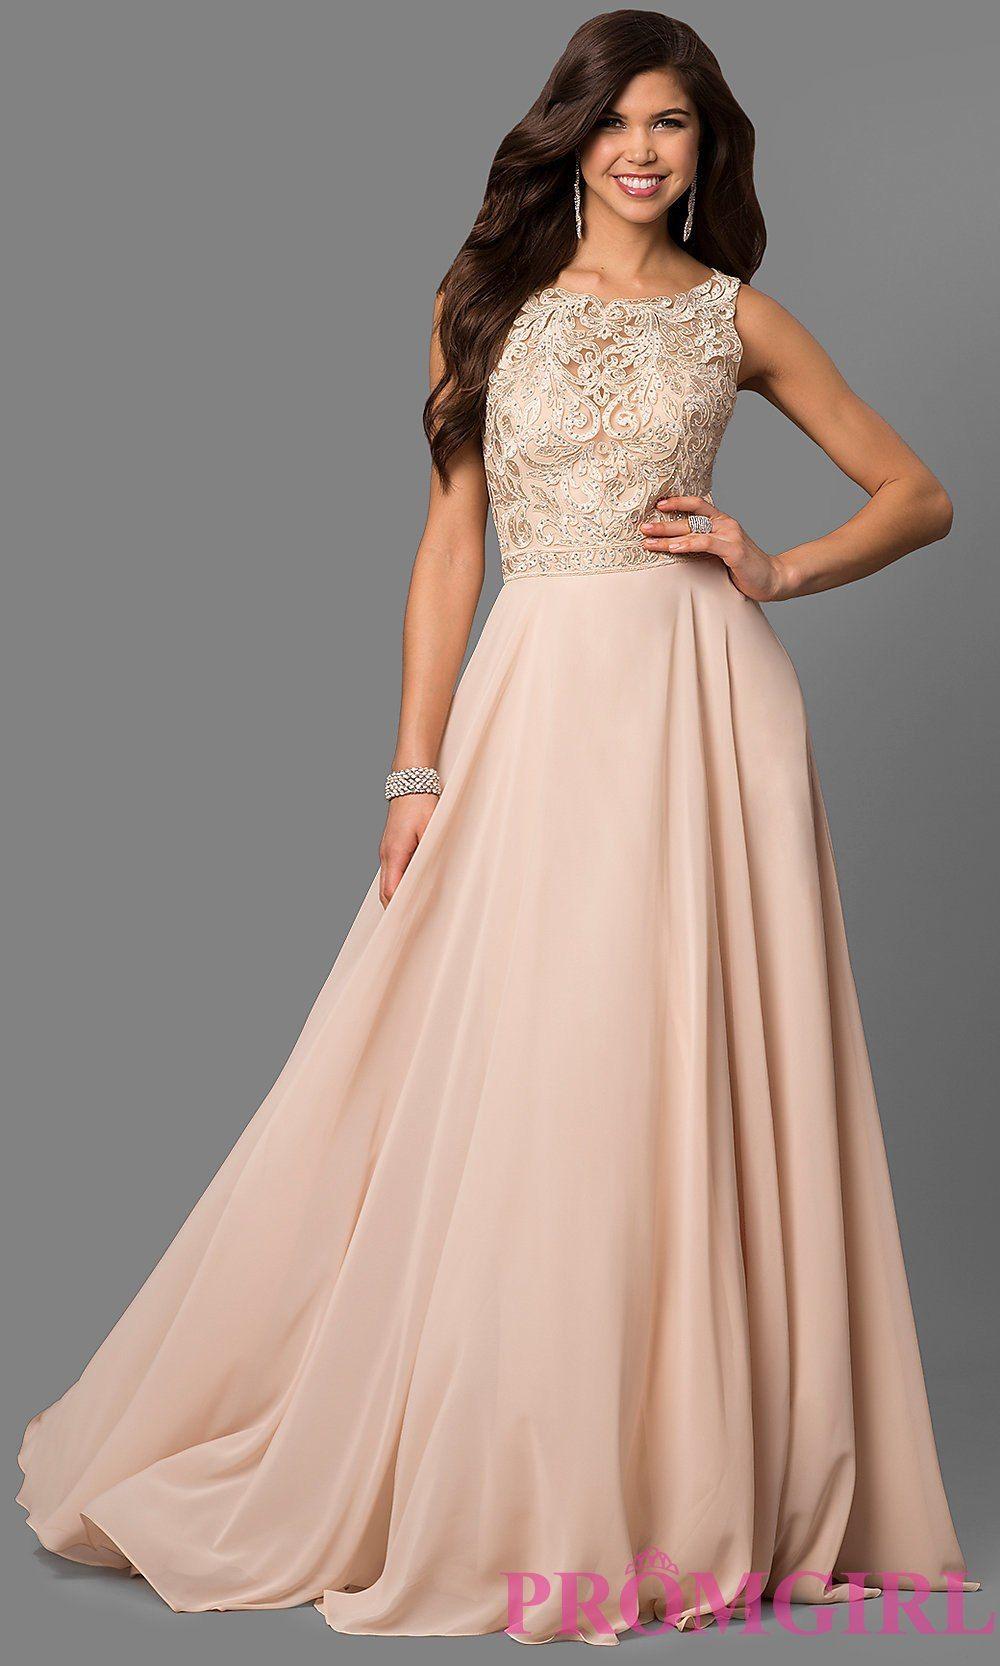 Bateau Neck Embellished Bodice Long Prom Dress